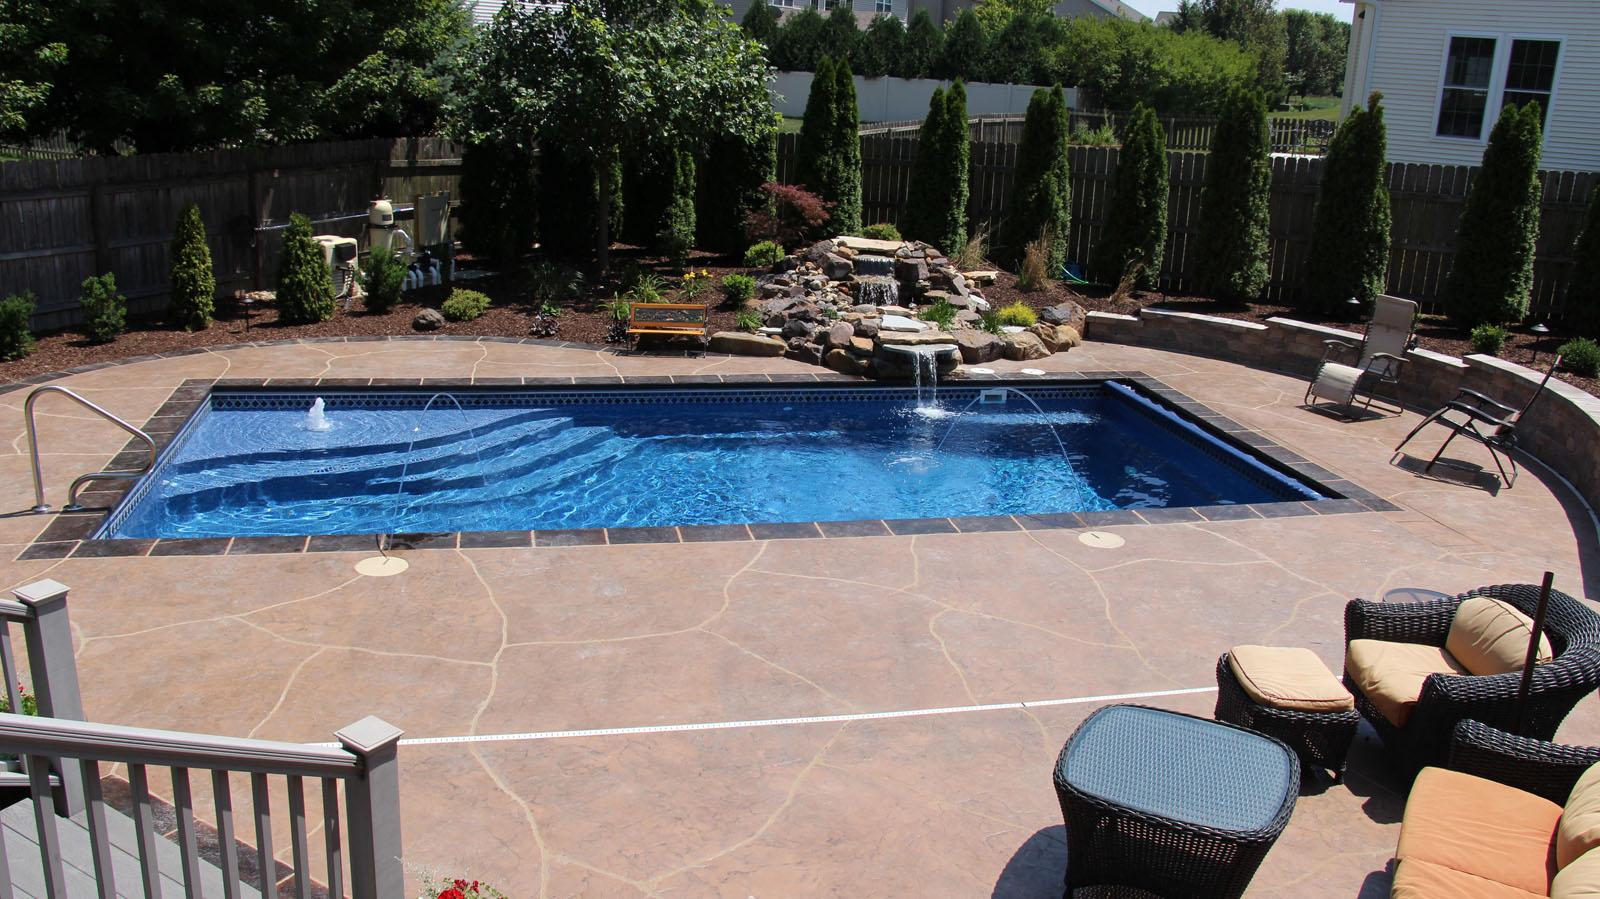 Viking Pools Paradise Design Pool And Spa St George Ut